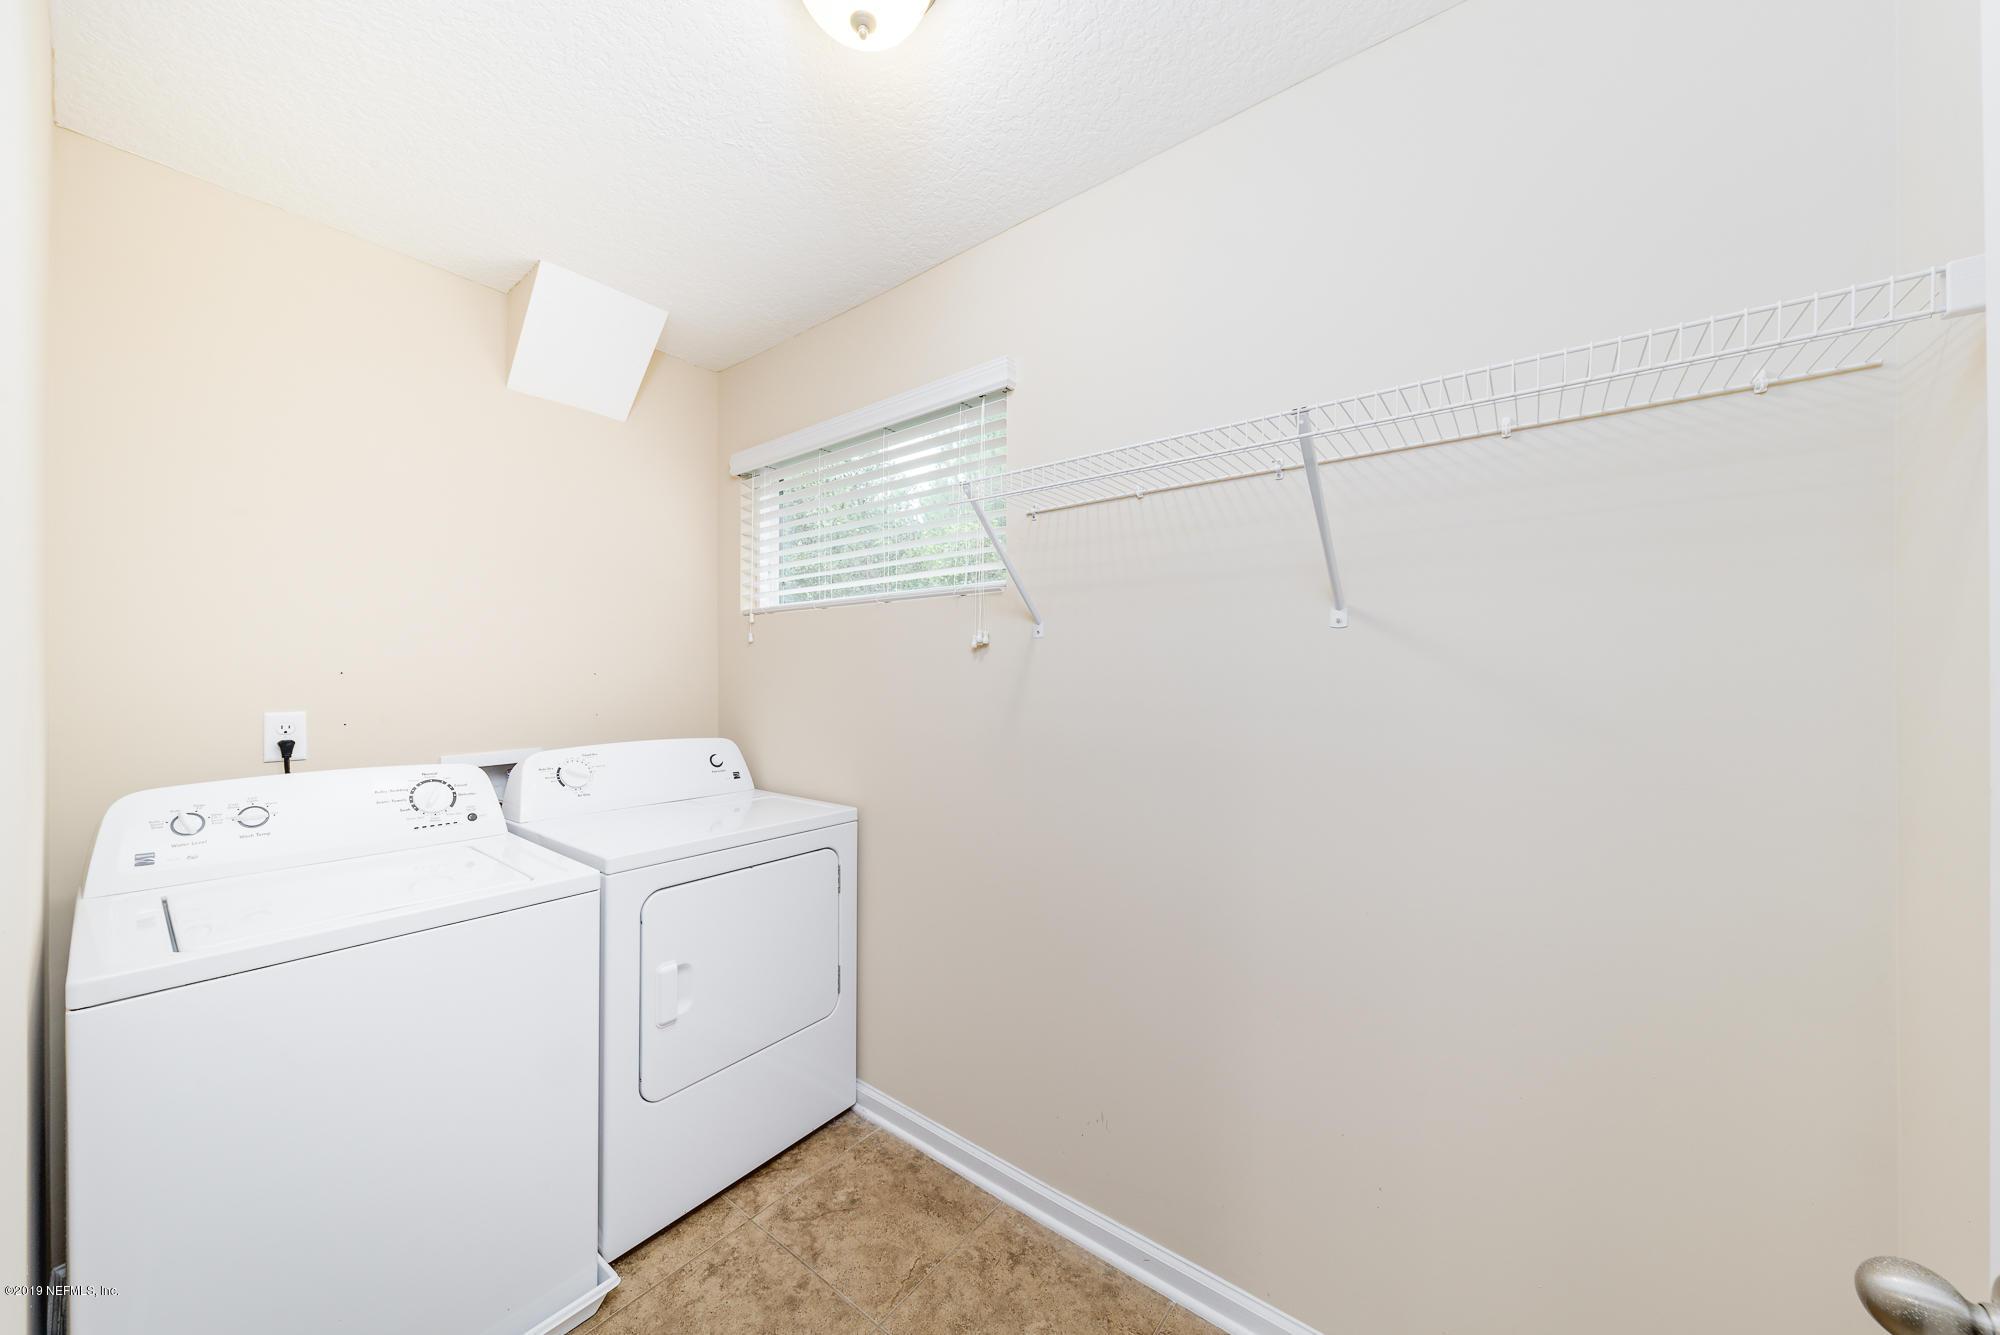 3272 CHESTNUT RIDGE, ORANGE PARK, FLORIDA 32065, 3 Bedrooms Bedrooms, ,2 BathroomsBathrooms,Condo,For sale,CHESTNUT RIDGE,1022129